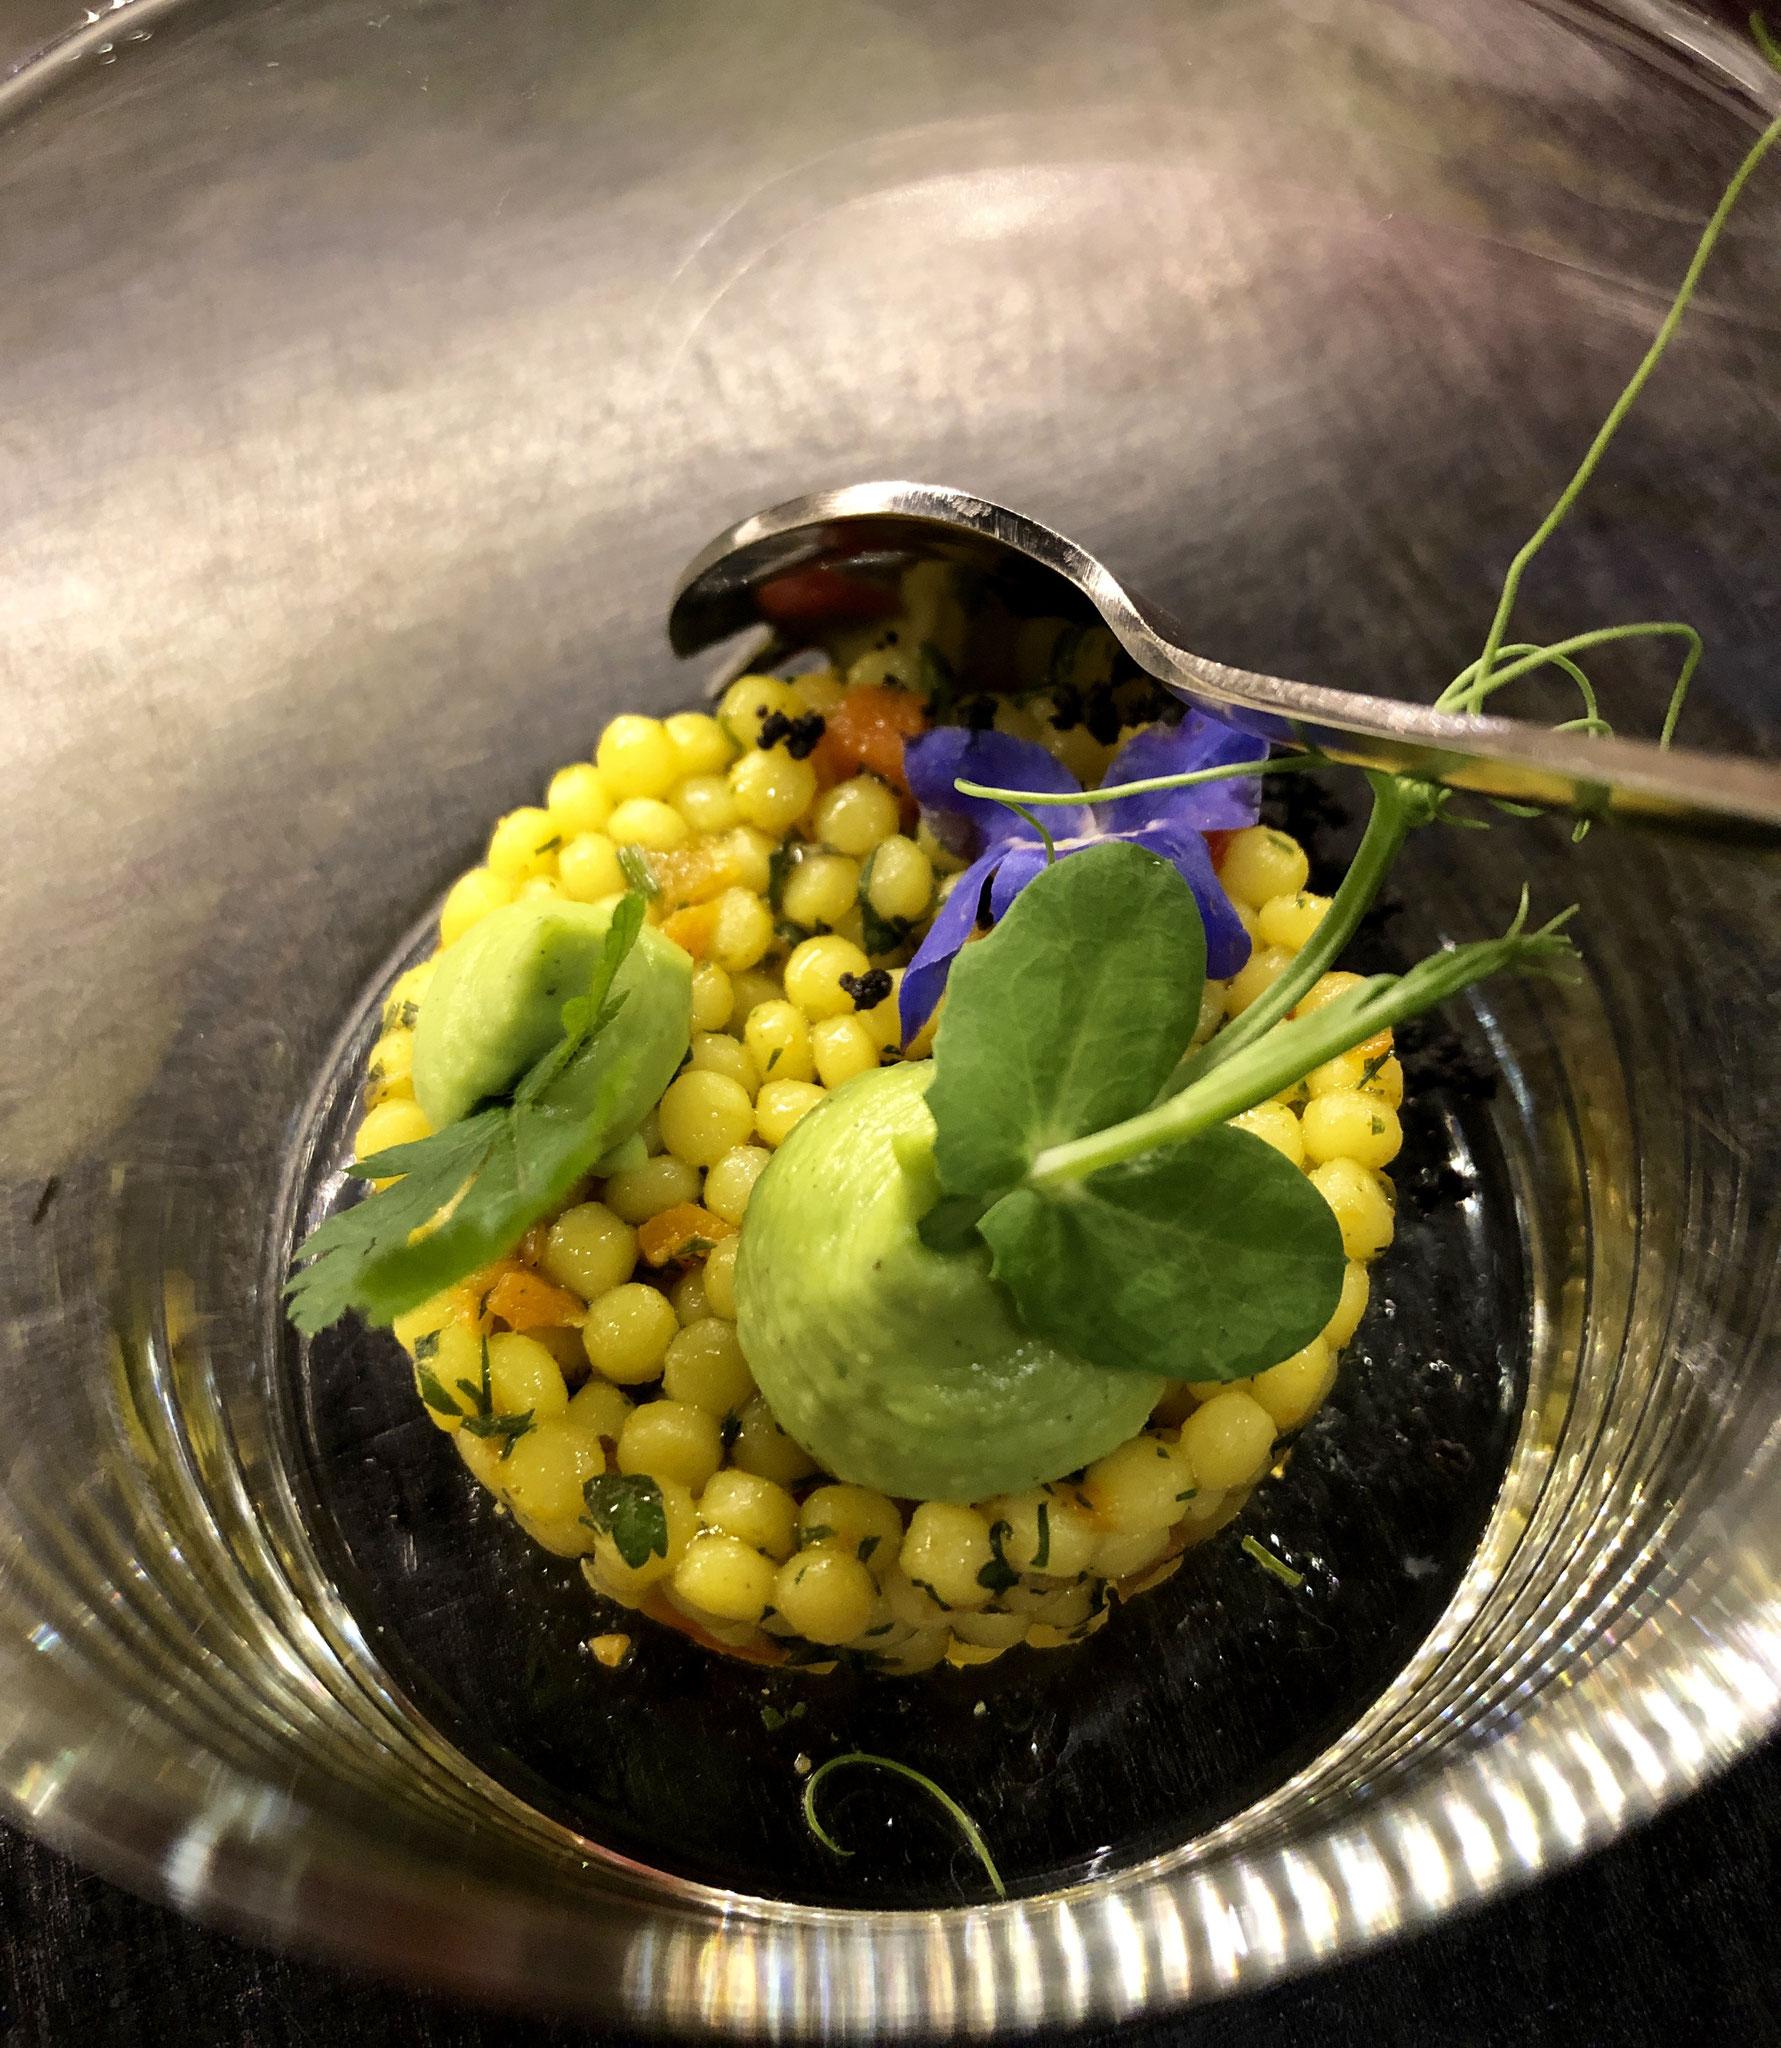 bij de Parelcouscous met Mediterraanse kruiden-brunoise van Belgische groenten-vers gehakte groene kruiden